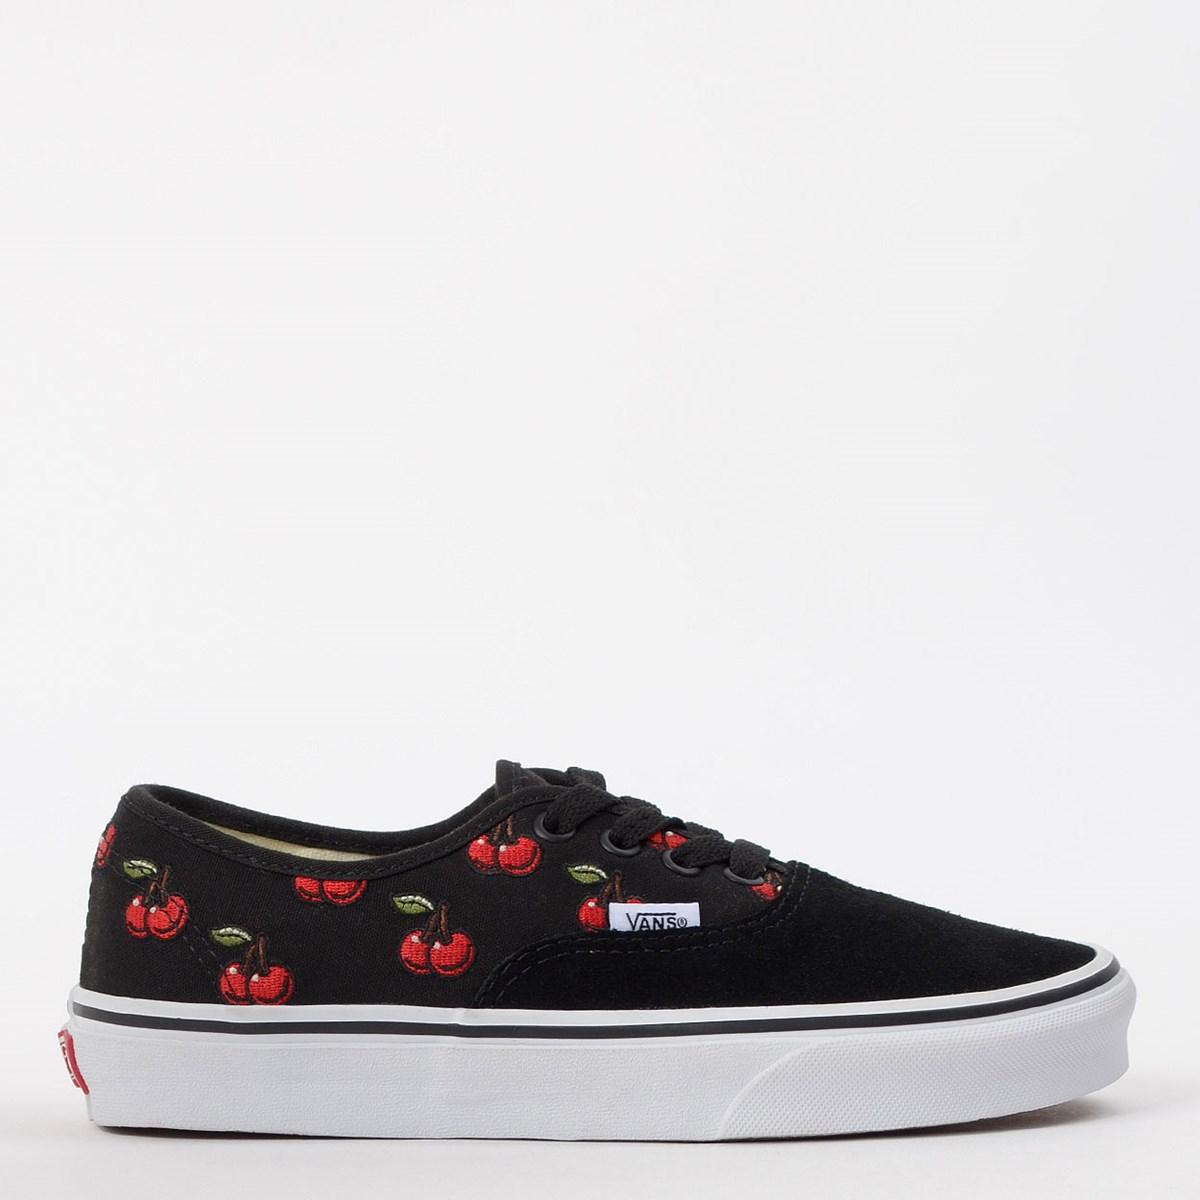 Tênis Vans Authentic Cherries Black VN0A2Z5IL6M